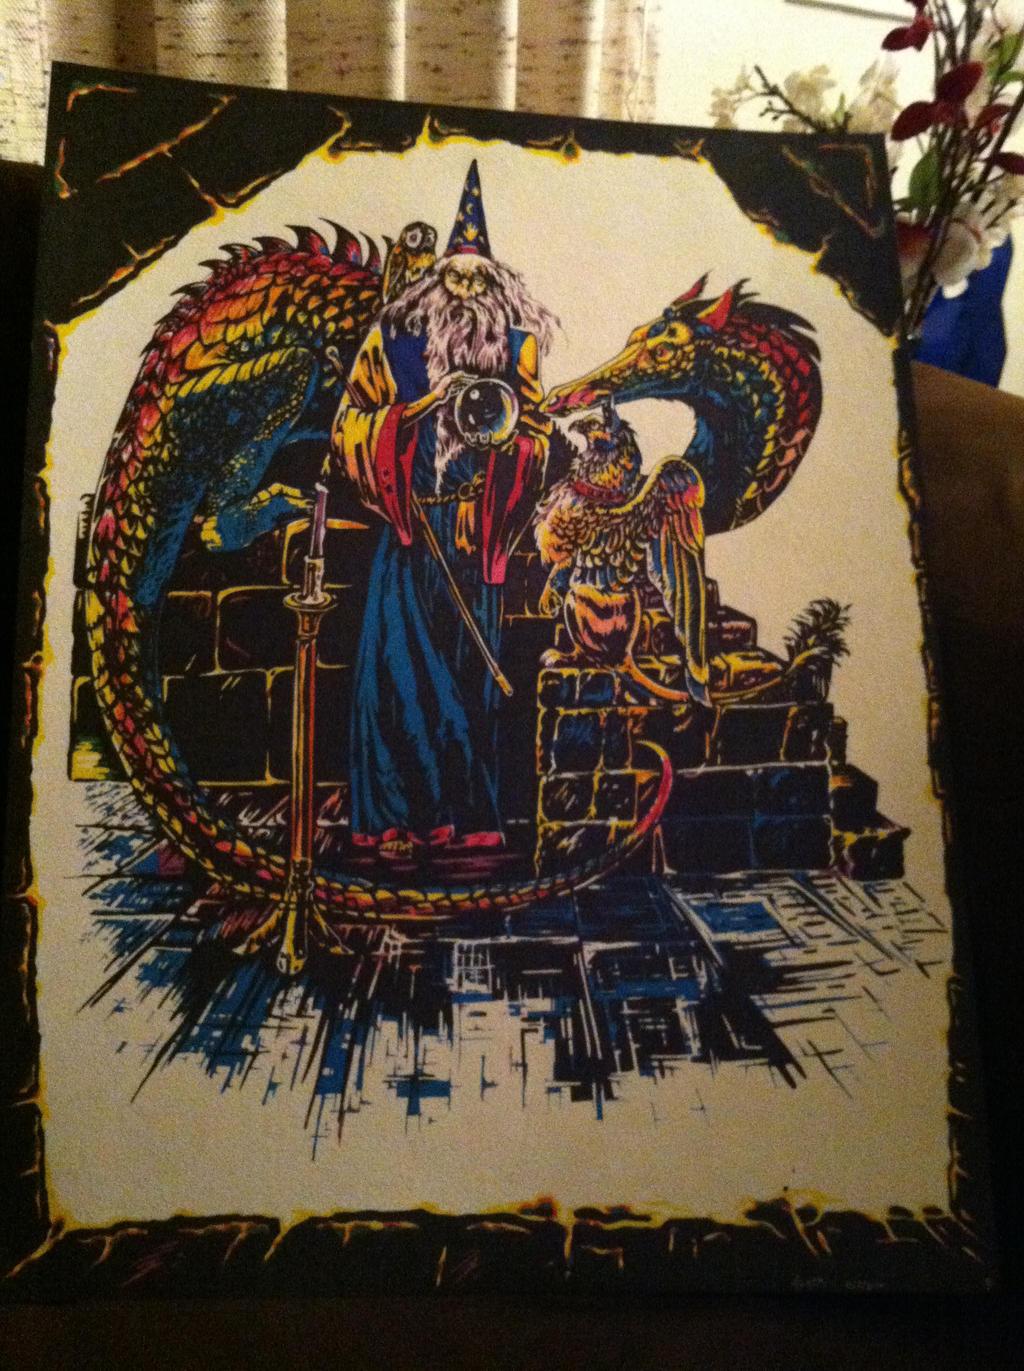 Wizard by darklightartist